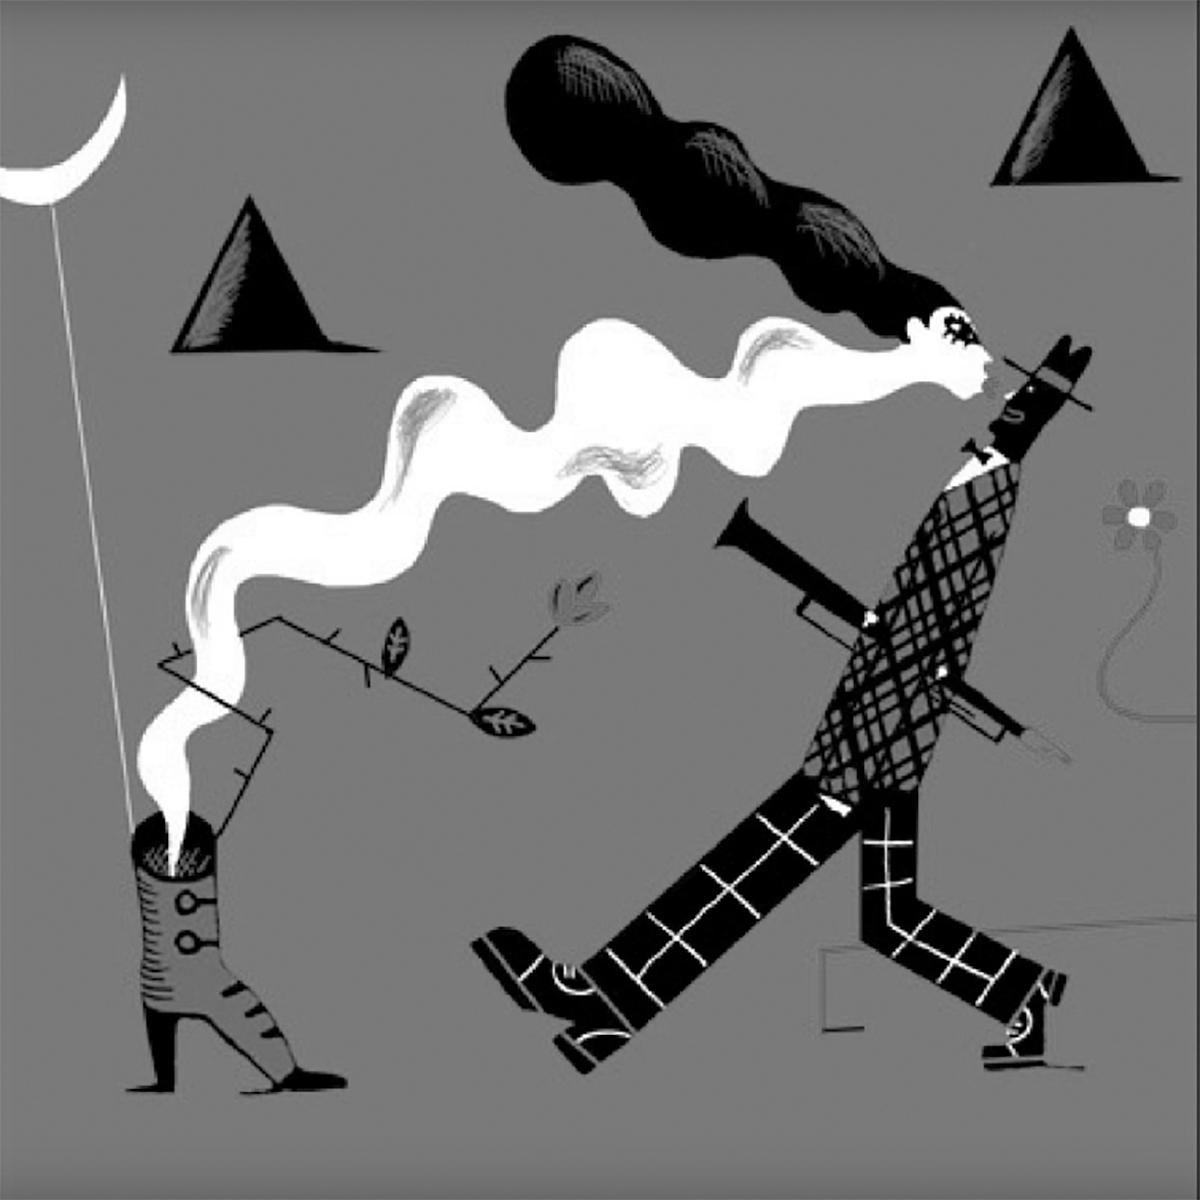 ilustración-poema-eduardo-polo-chamario